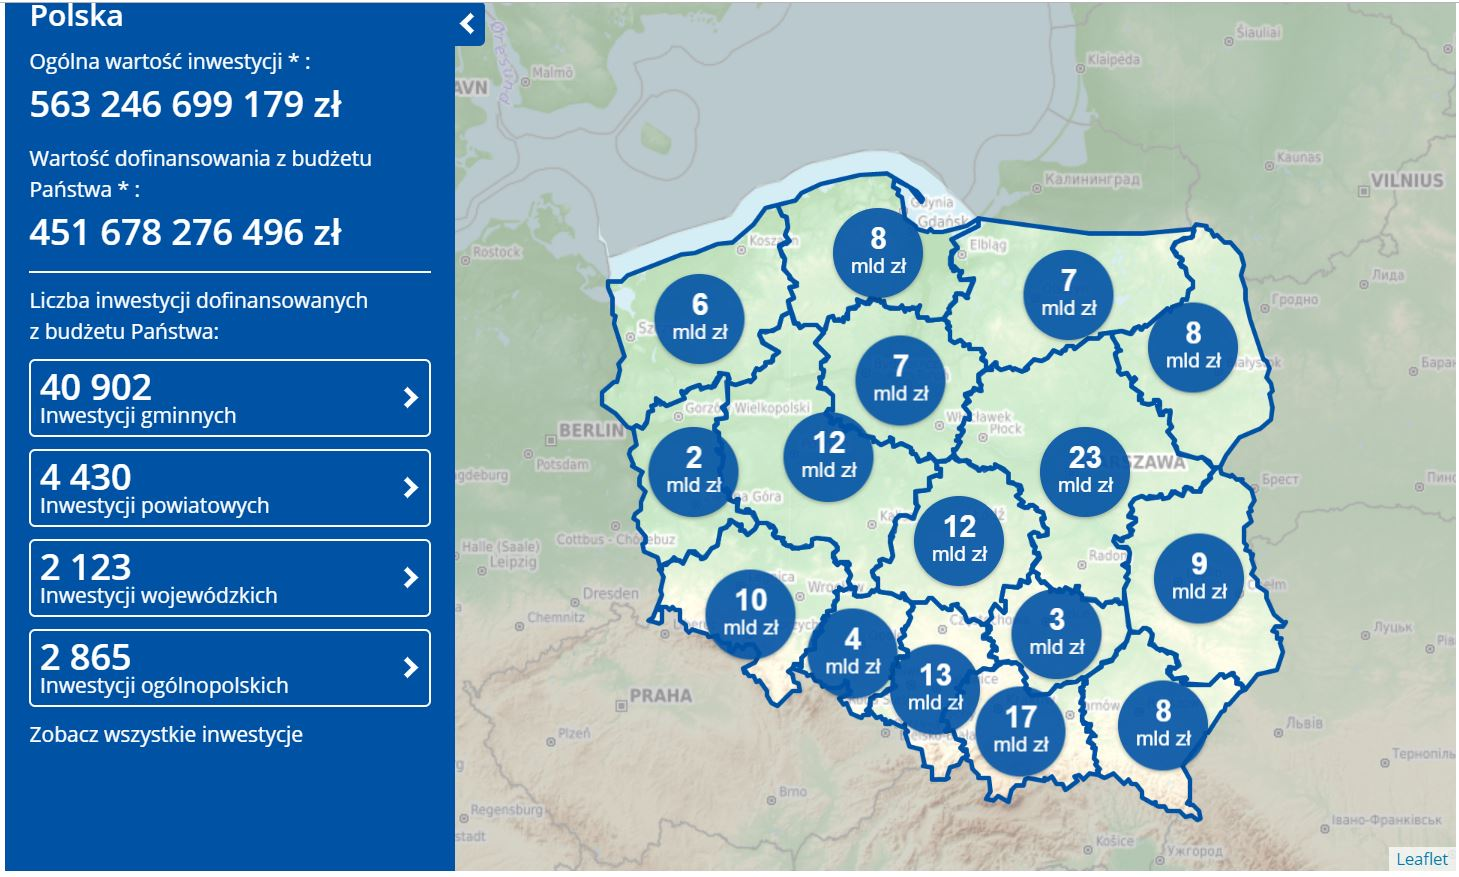 Mapa Inwestycji (fot. www.gov.pl)